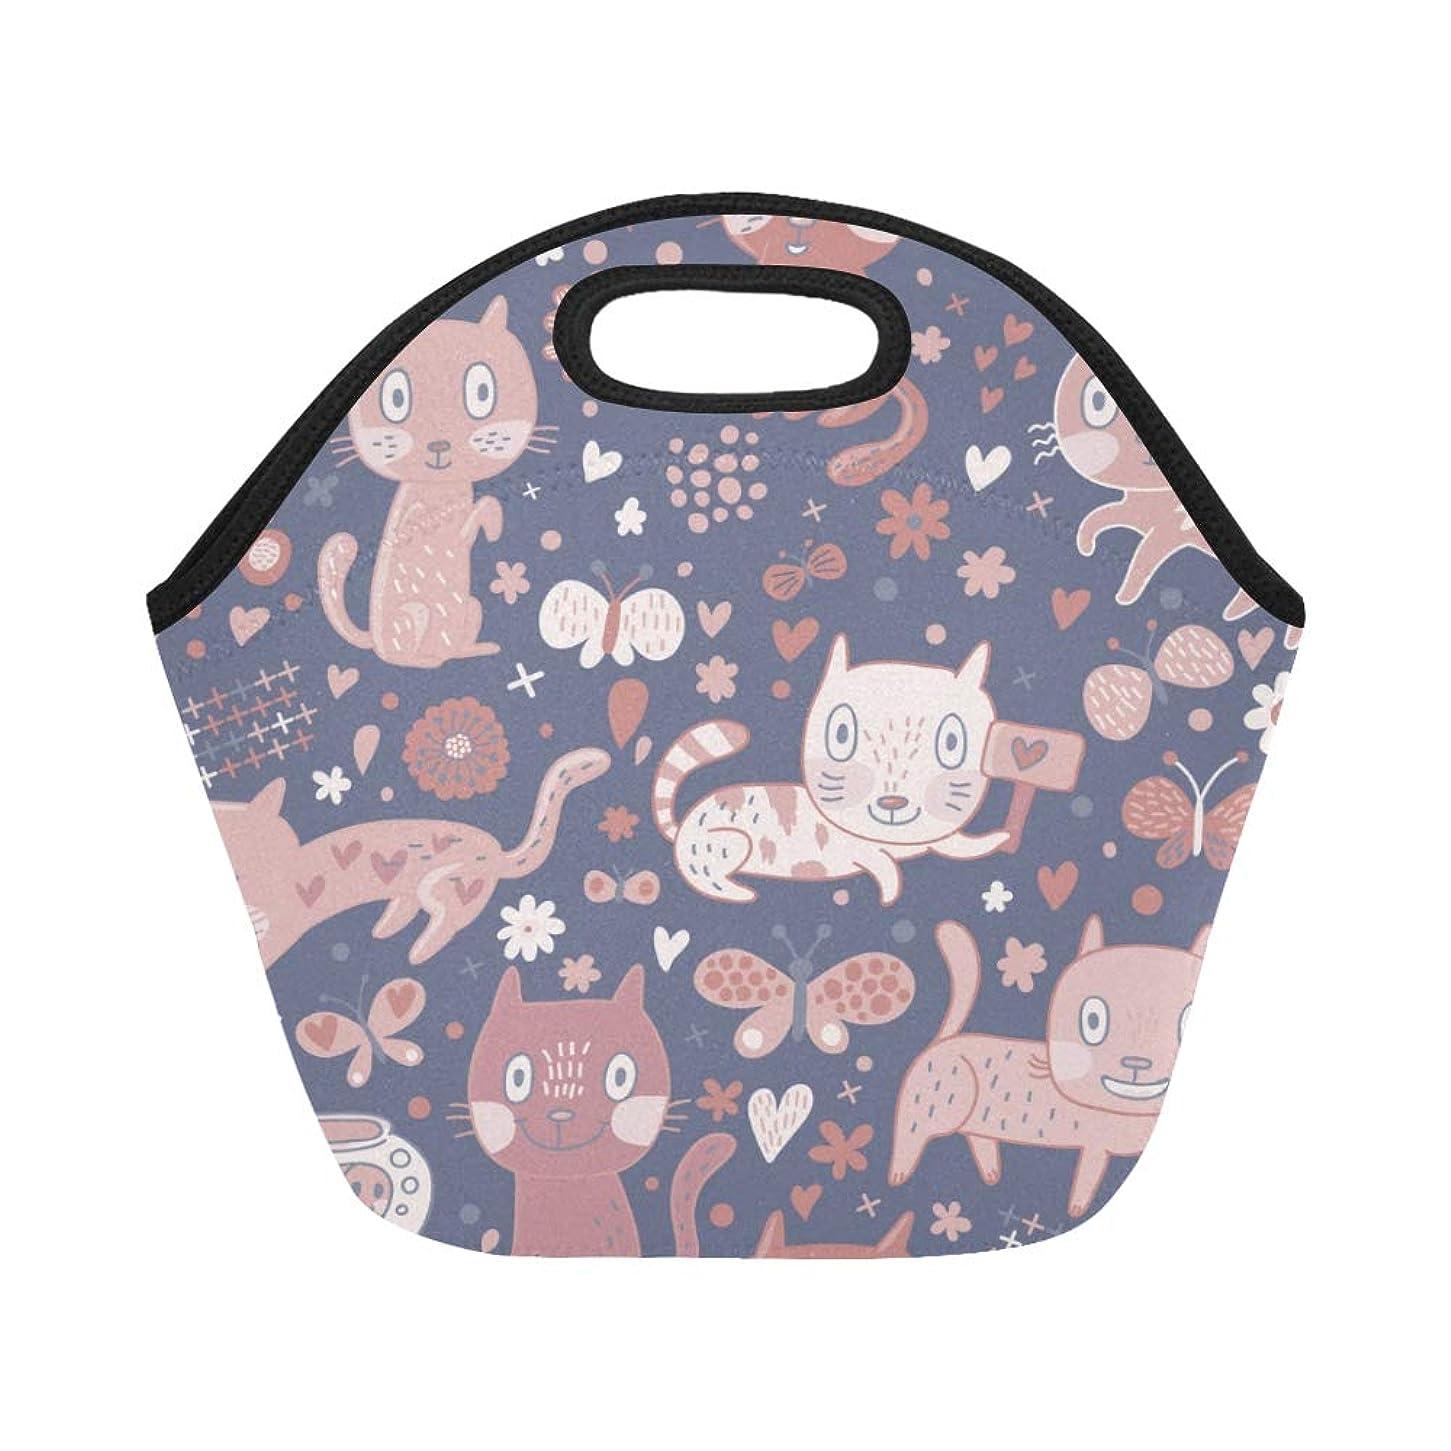 告白才能臨検DMHYJ ランチバッグ 小柄の猫やきれいな蝶 弁当袋 お弁当入れ 保温保冷 トート 弁当バッグ 大容量 トートバッグ